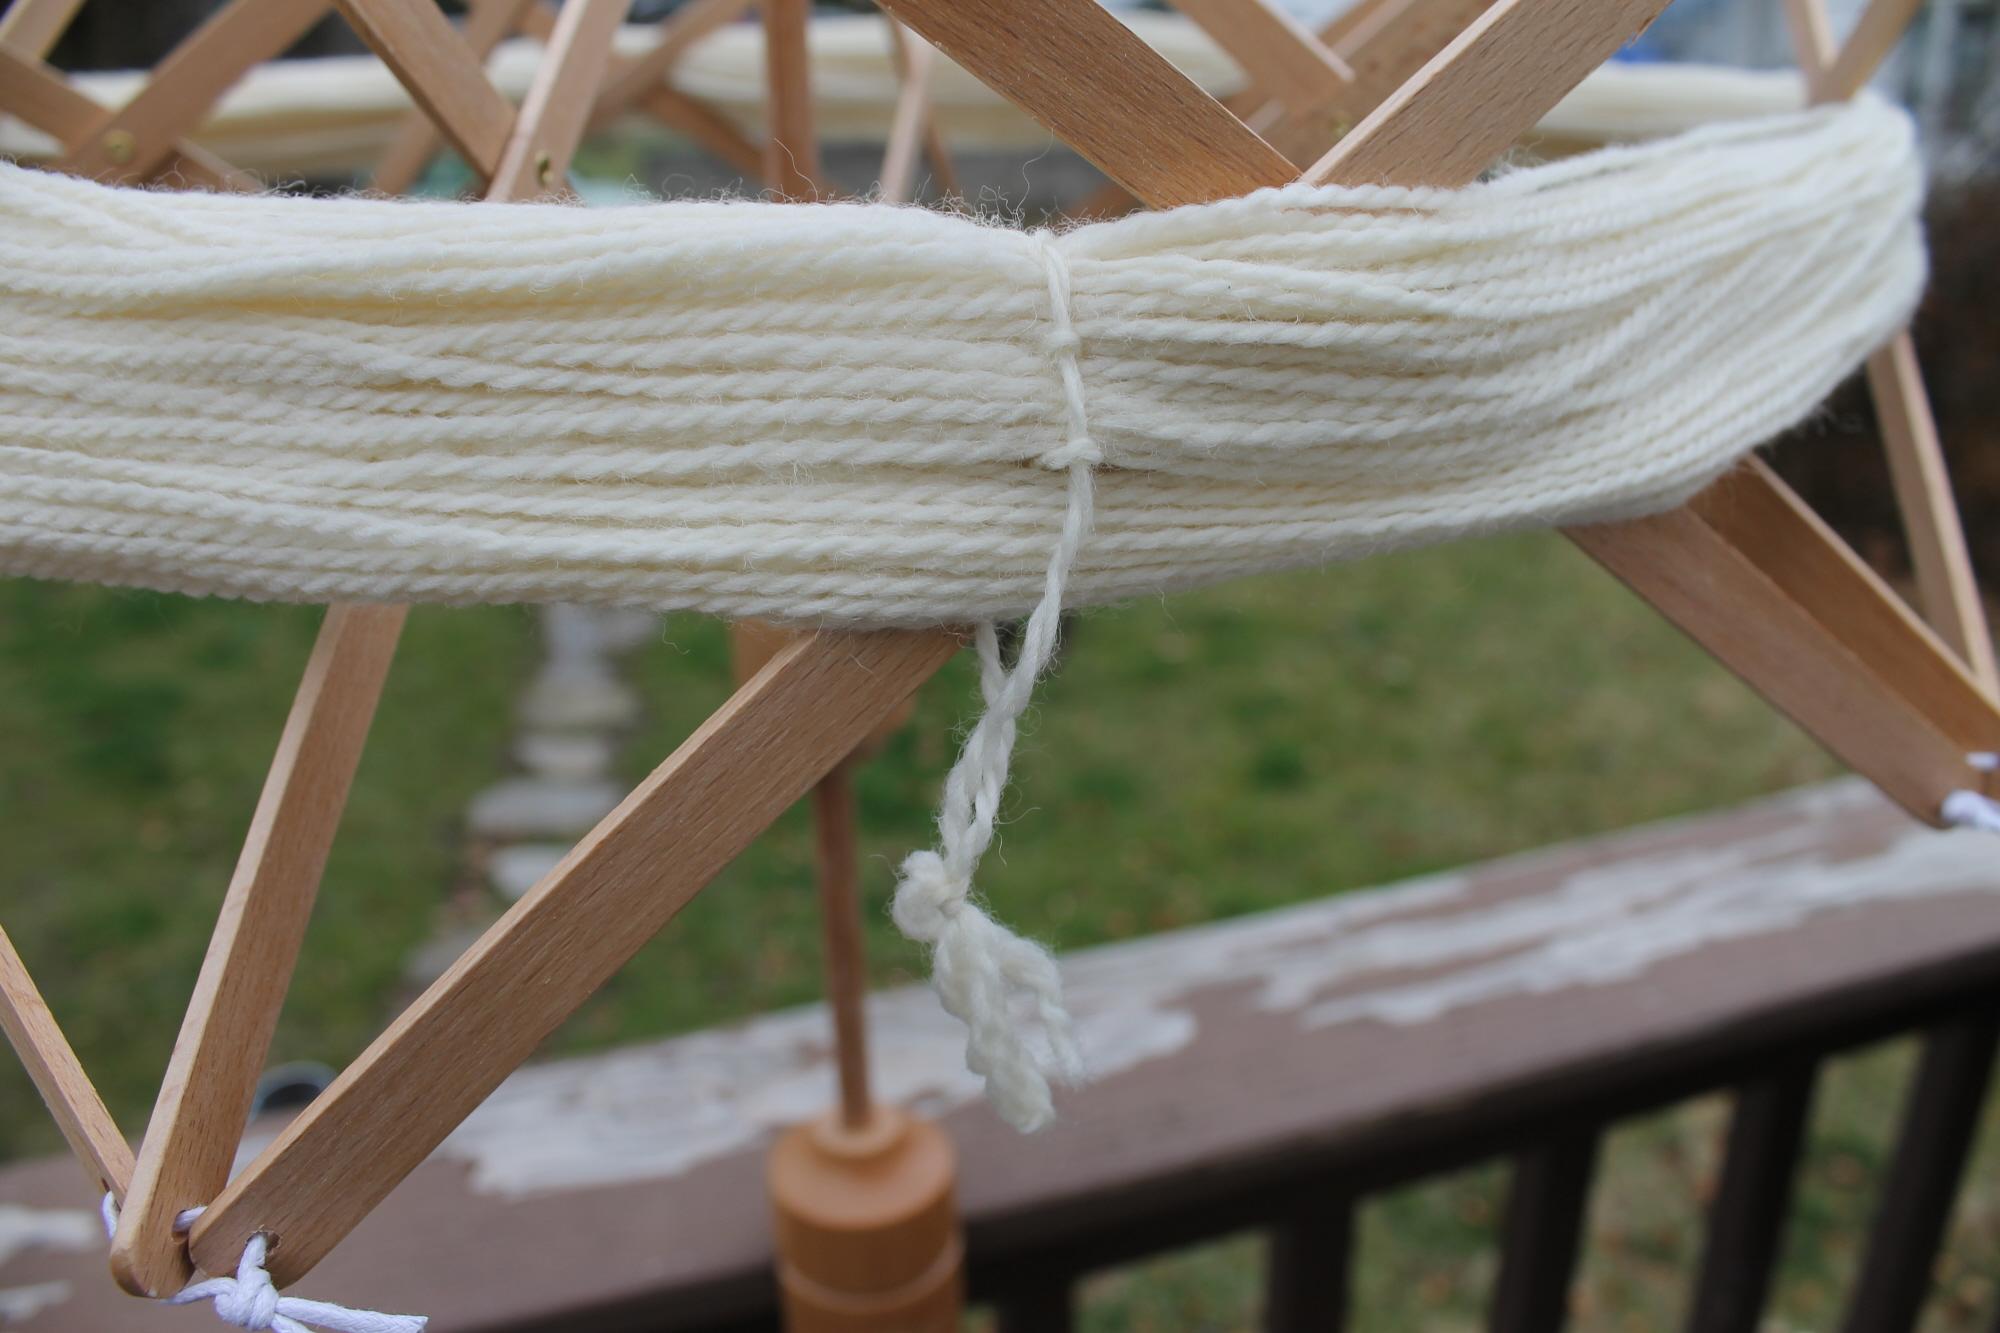 Untying yarn on a yarn swift